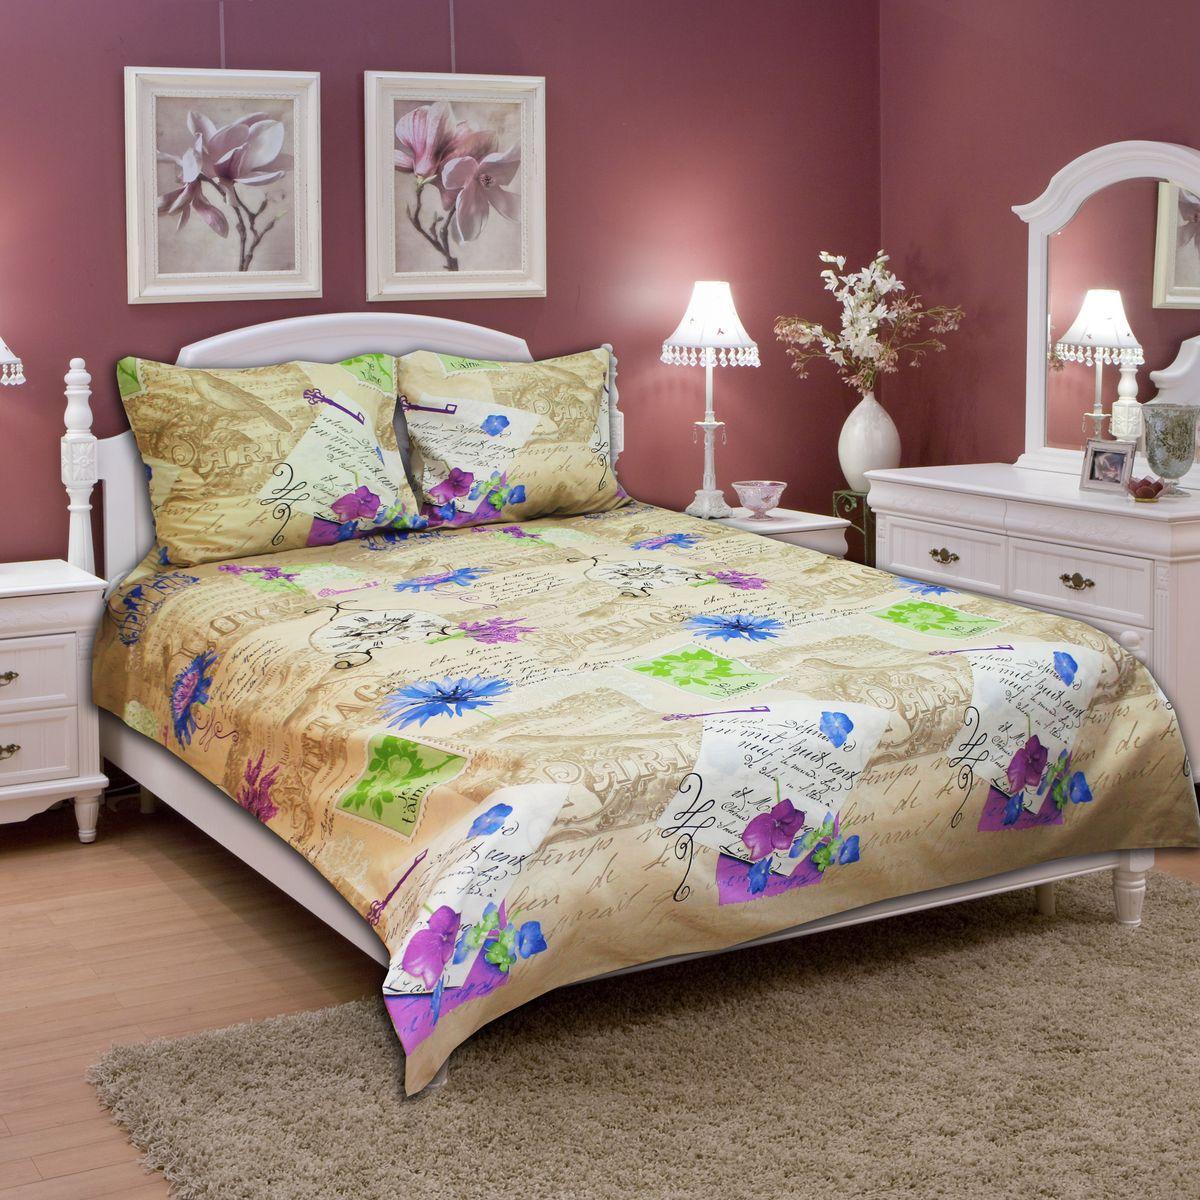 Комплект белья Amore Mio Flower, 1,5-спальный, наволочки 70х7077702Постельное белье из бязи практично и долговечно, а самое главное - это 100% хлопок! Материал великолепно отводит влагу, отлично пропускает воздух, не капризен в уходе, легко стирается и гладится. Новая коллекция Naturel 3-D дизайнов позволит выбрать постельное белье на любой вкус!